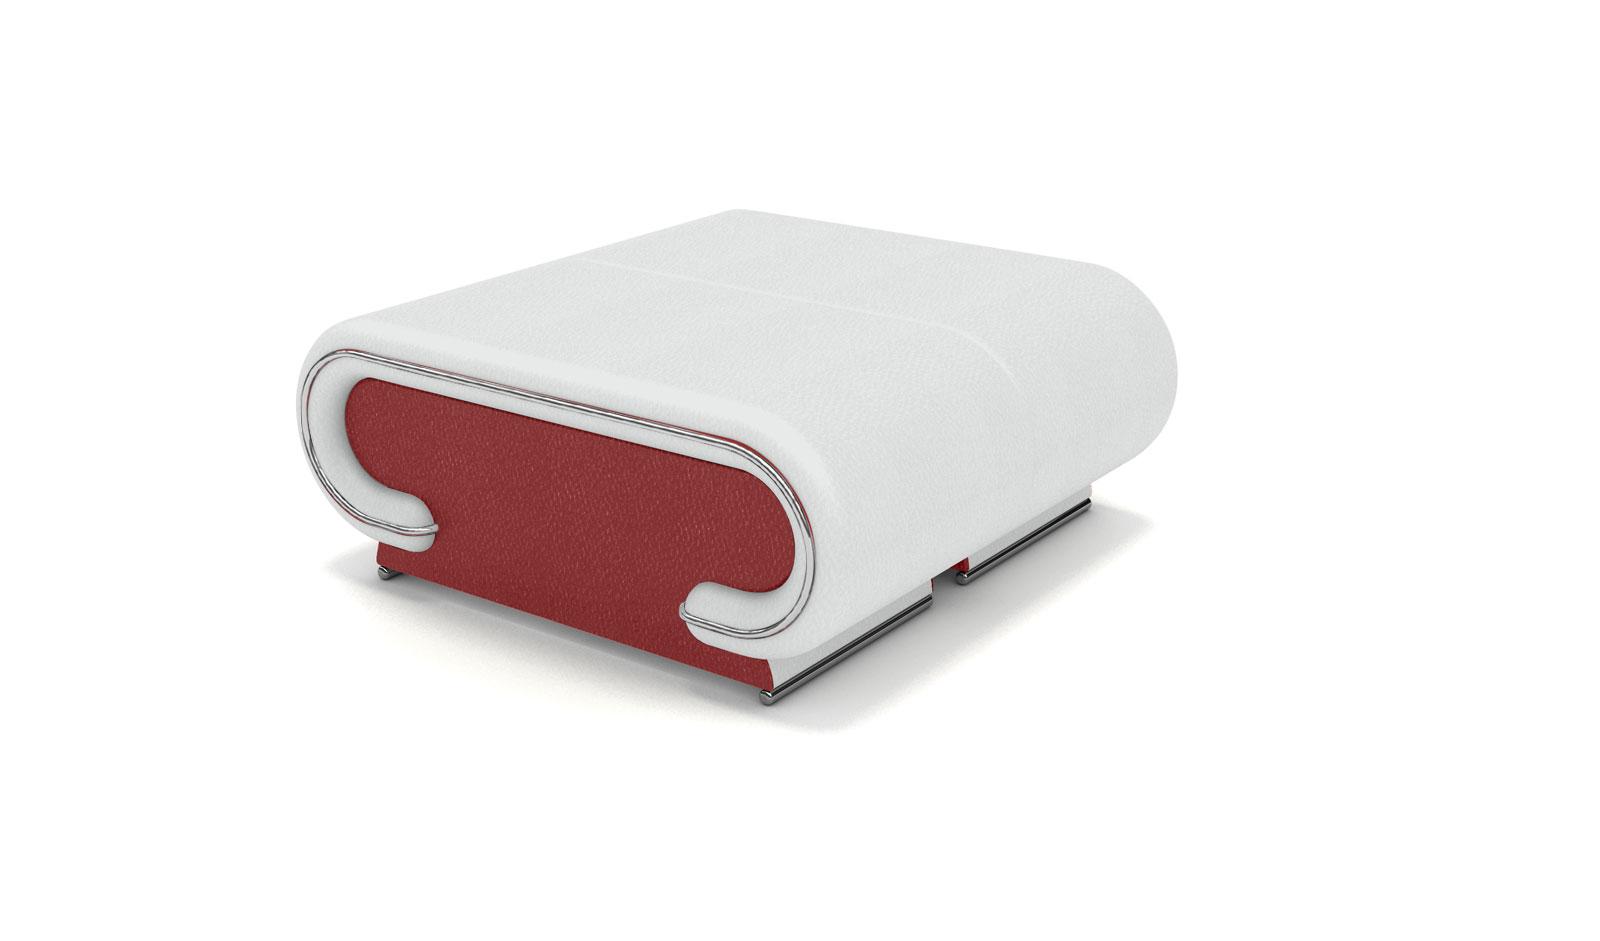 wohnzimmer rot weiß:SAM® Wohnzimmer Design Hocker rot weiss Farbauswahl Vigo Bestellware